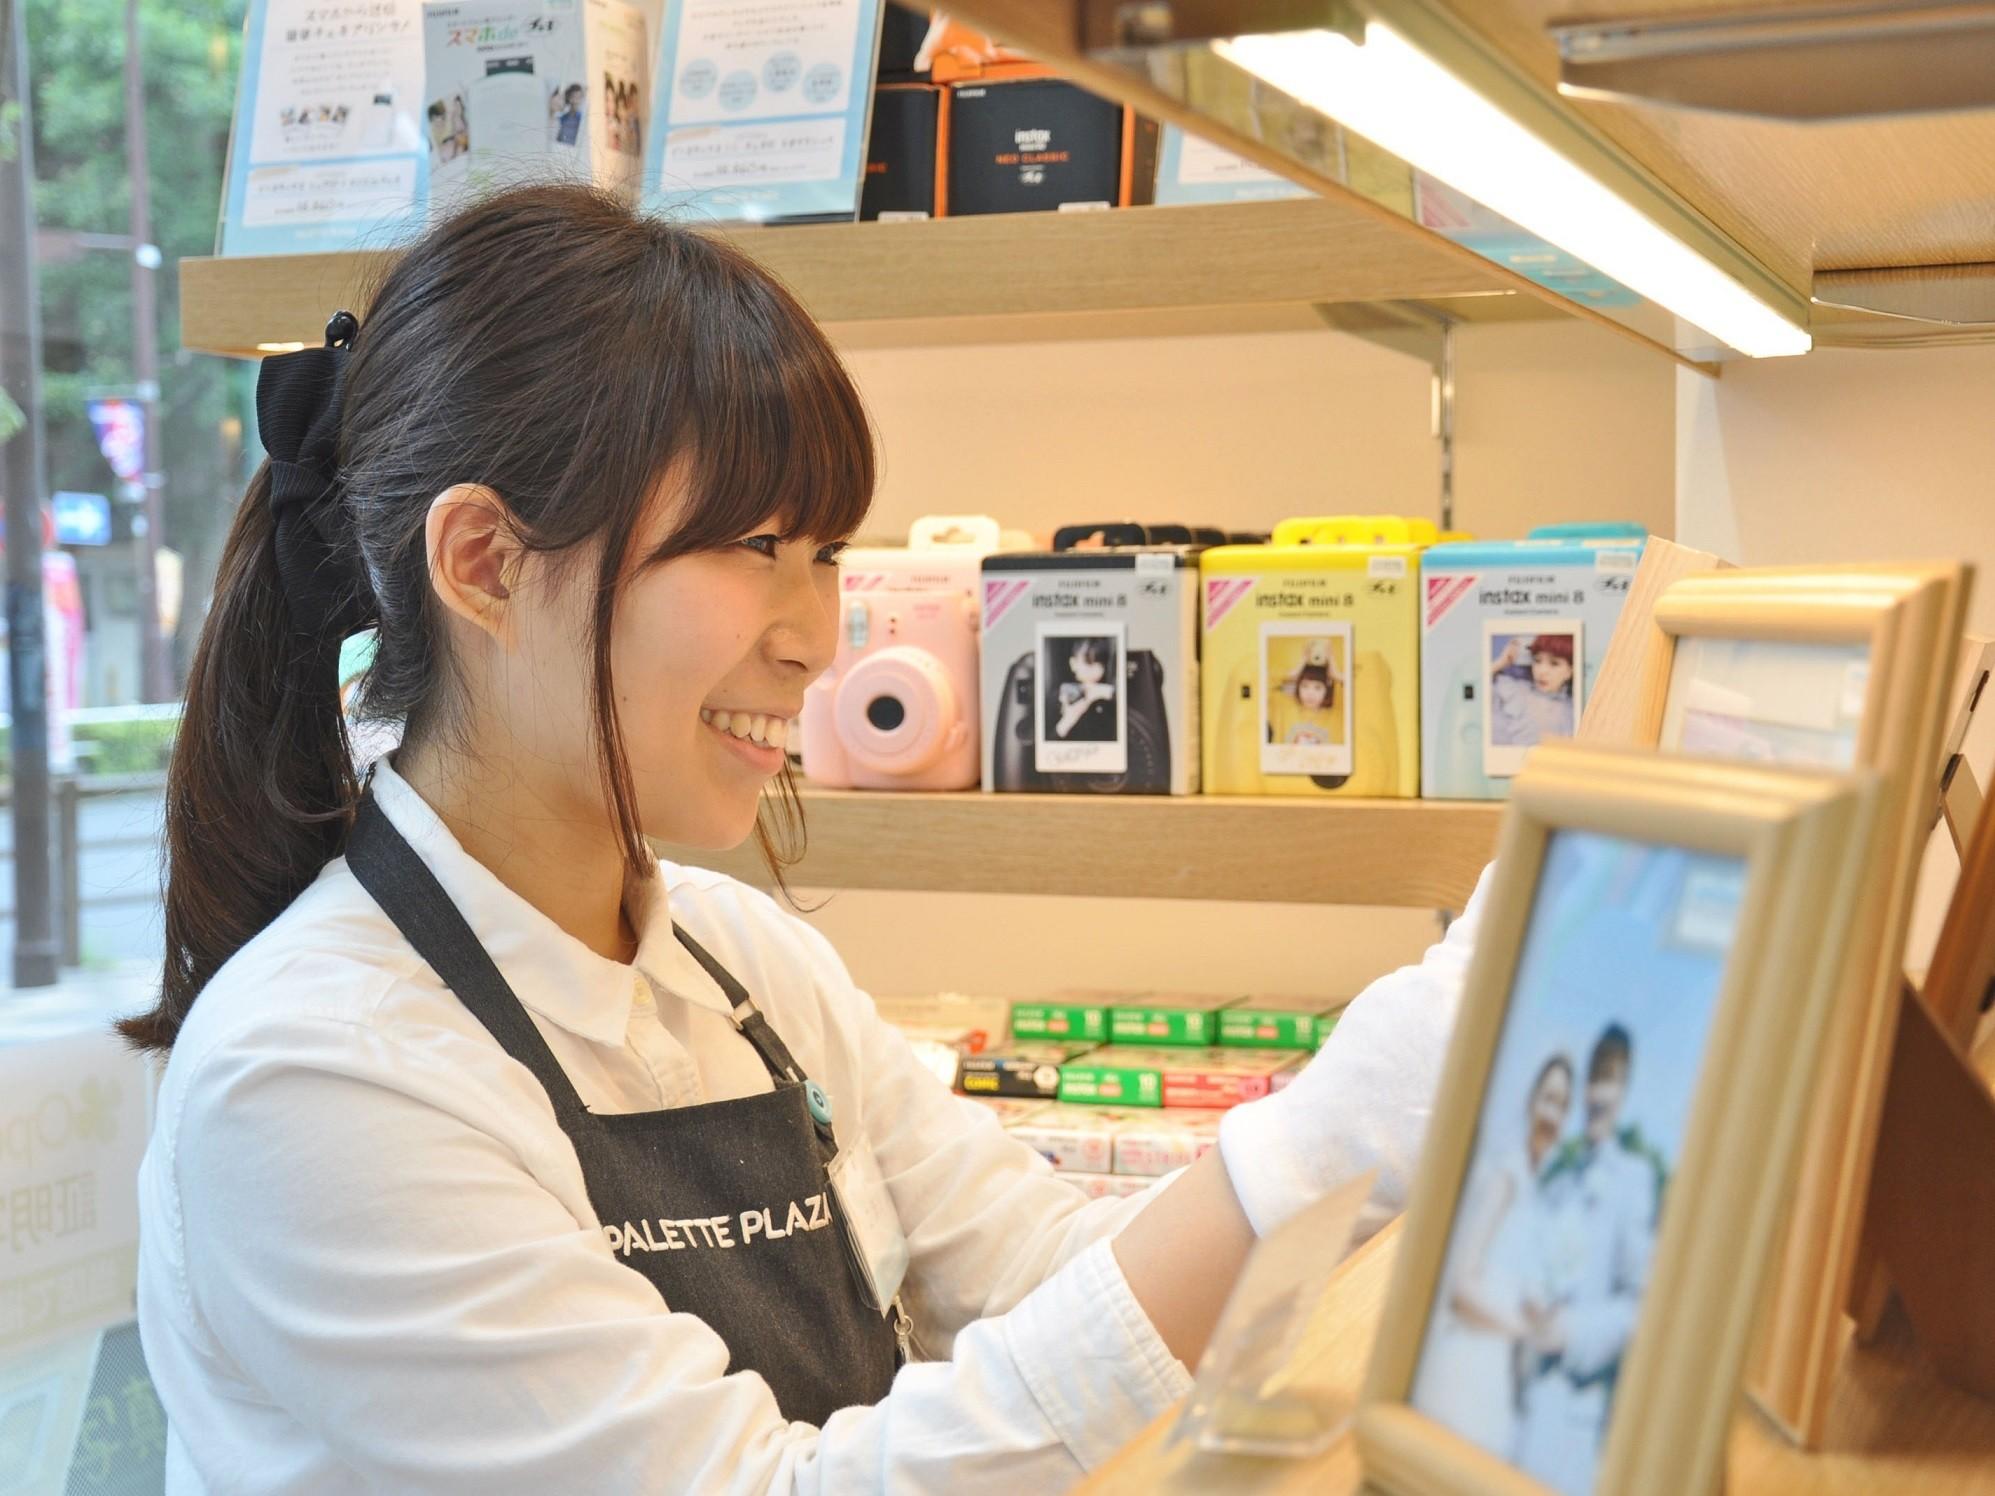 パレットプラザ LABI品川大井町店 のアルバイト情報